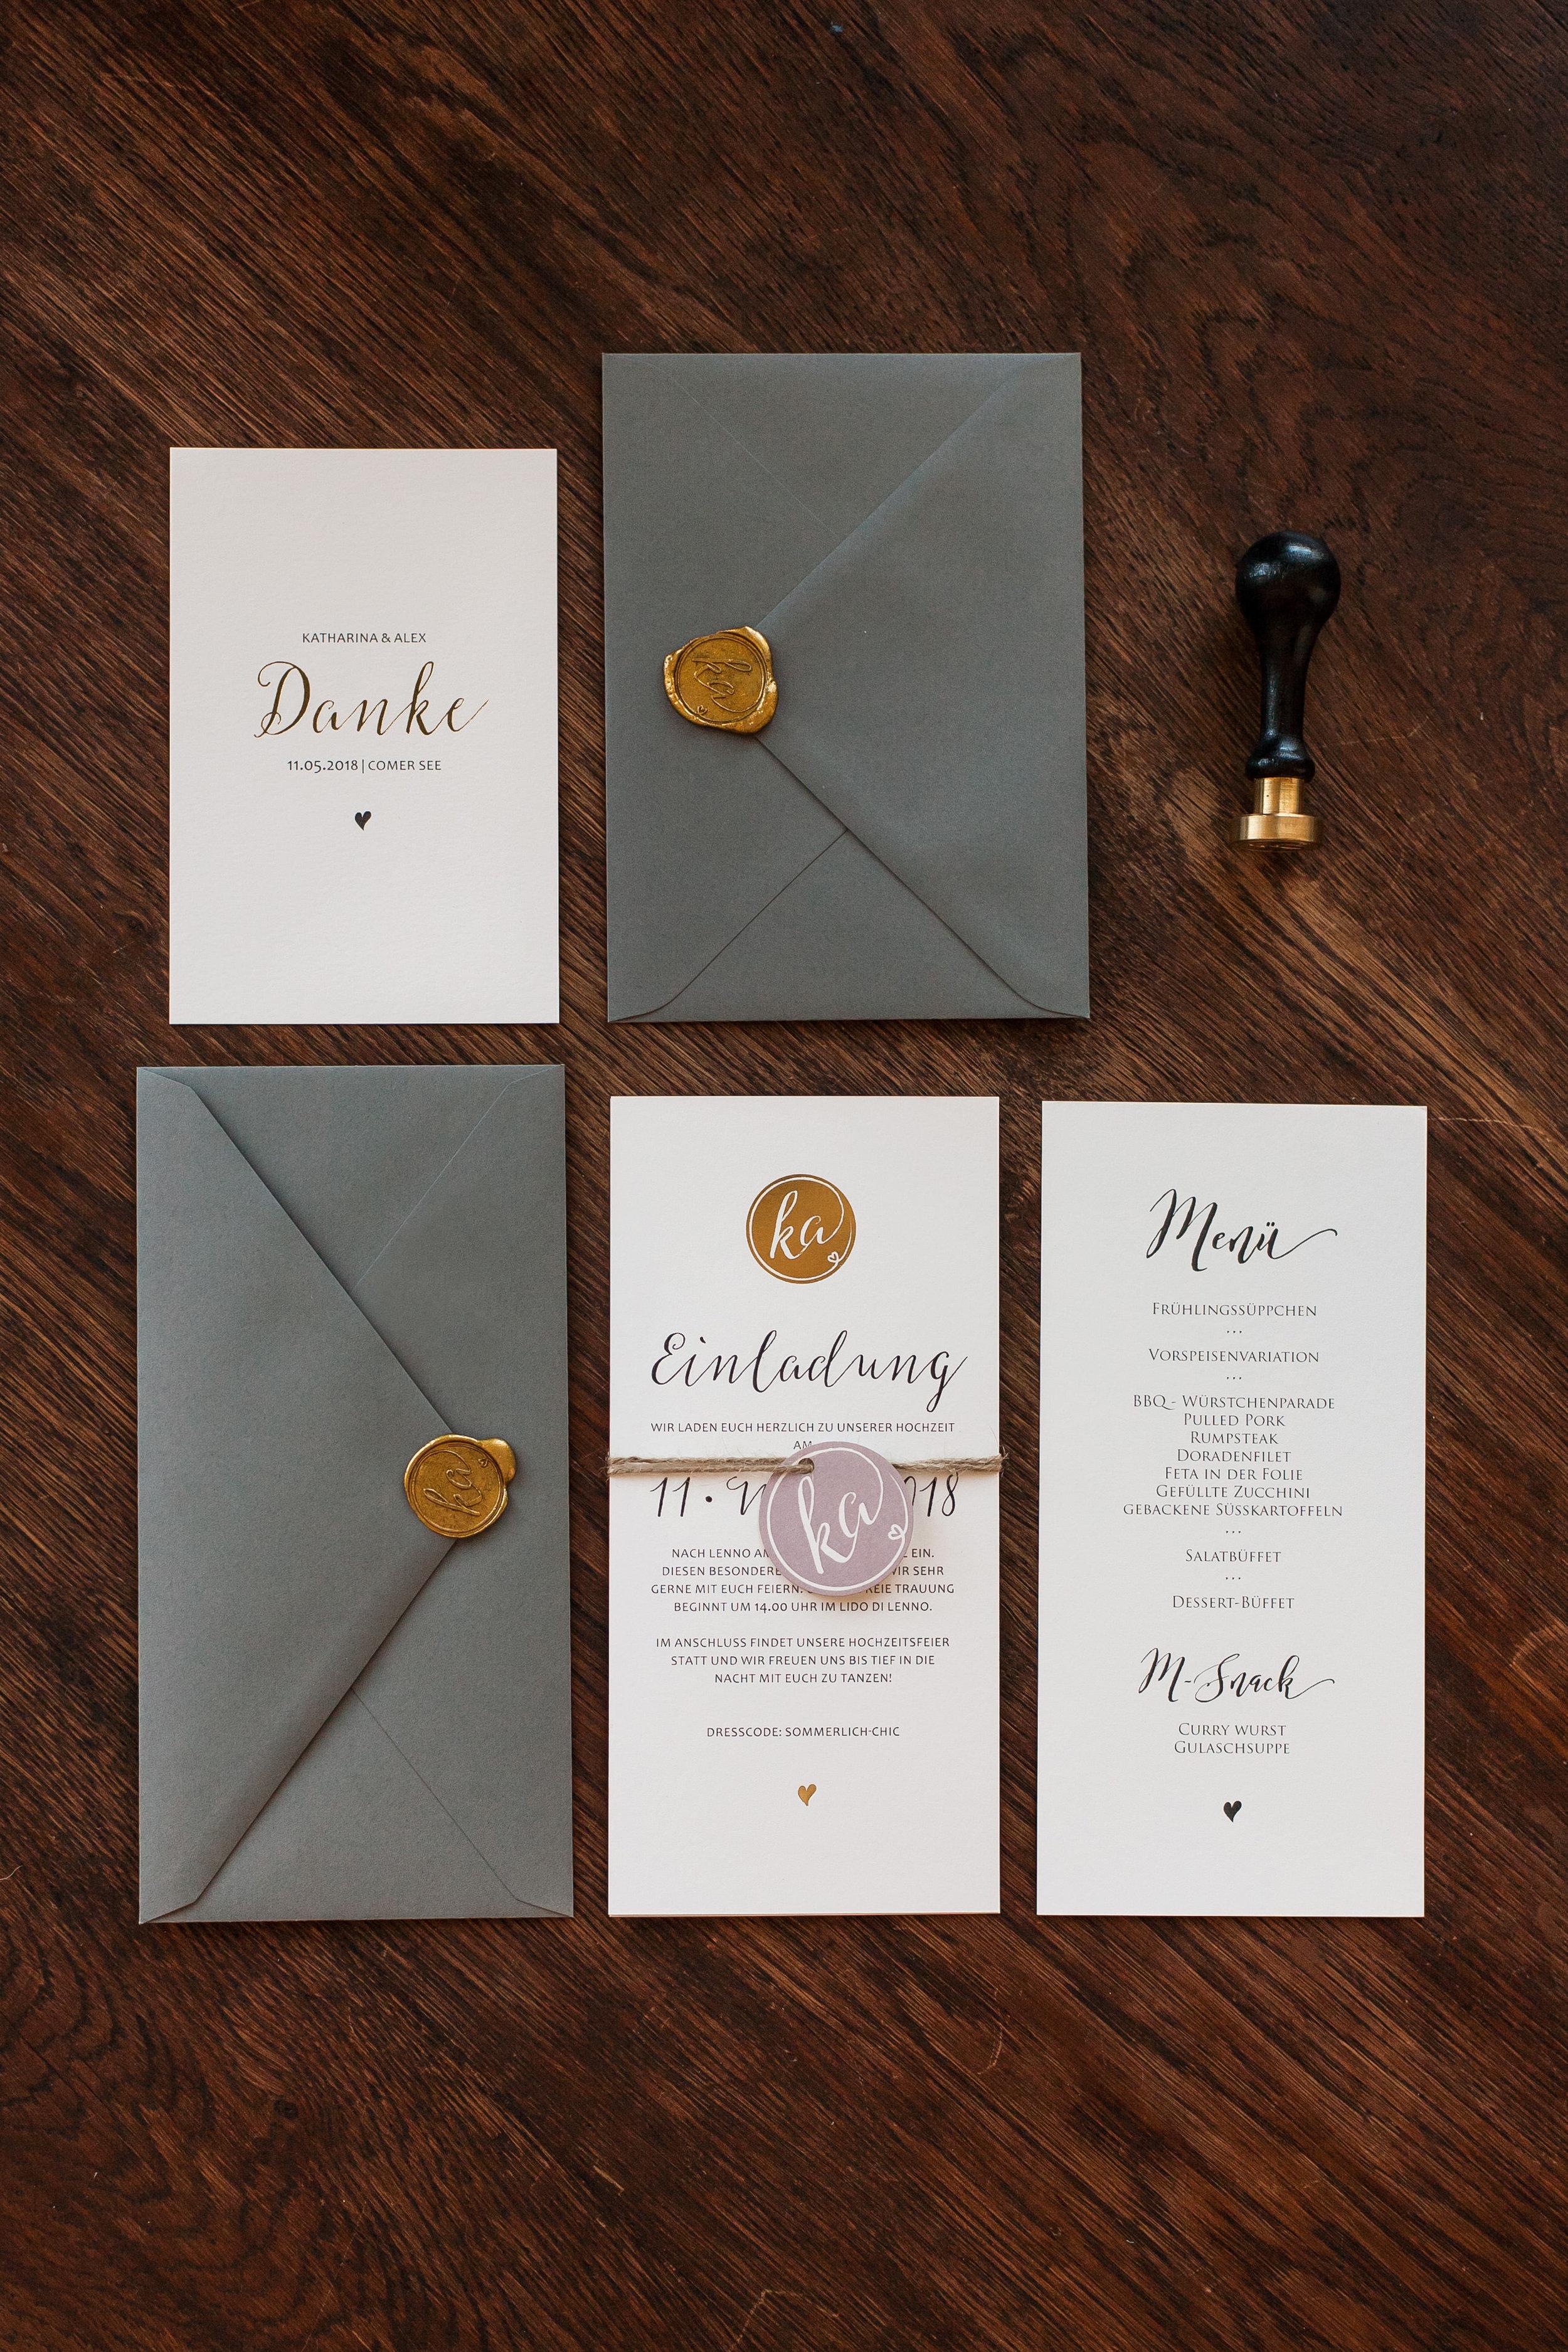 Hochzeitseinladung aus zwei Flachkarten mit Anhänger gebunden und grauem Briefumschlag und goldenem Siegel, Menükarte, Dankeskarte mit grauem Briefumschlag und goldenem Siegel